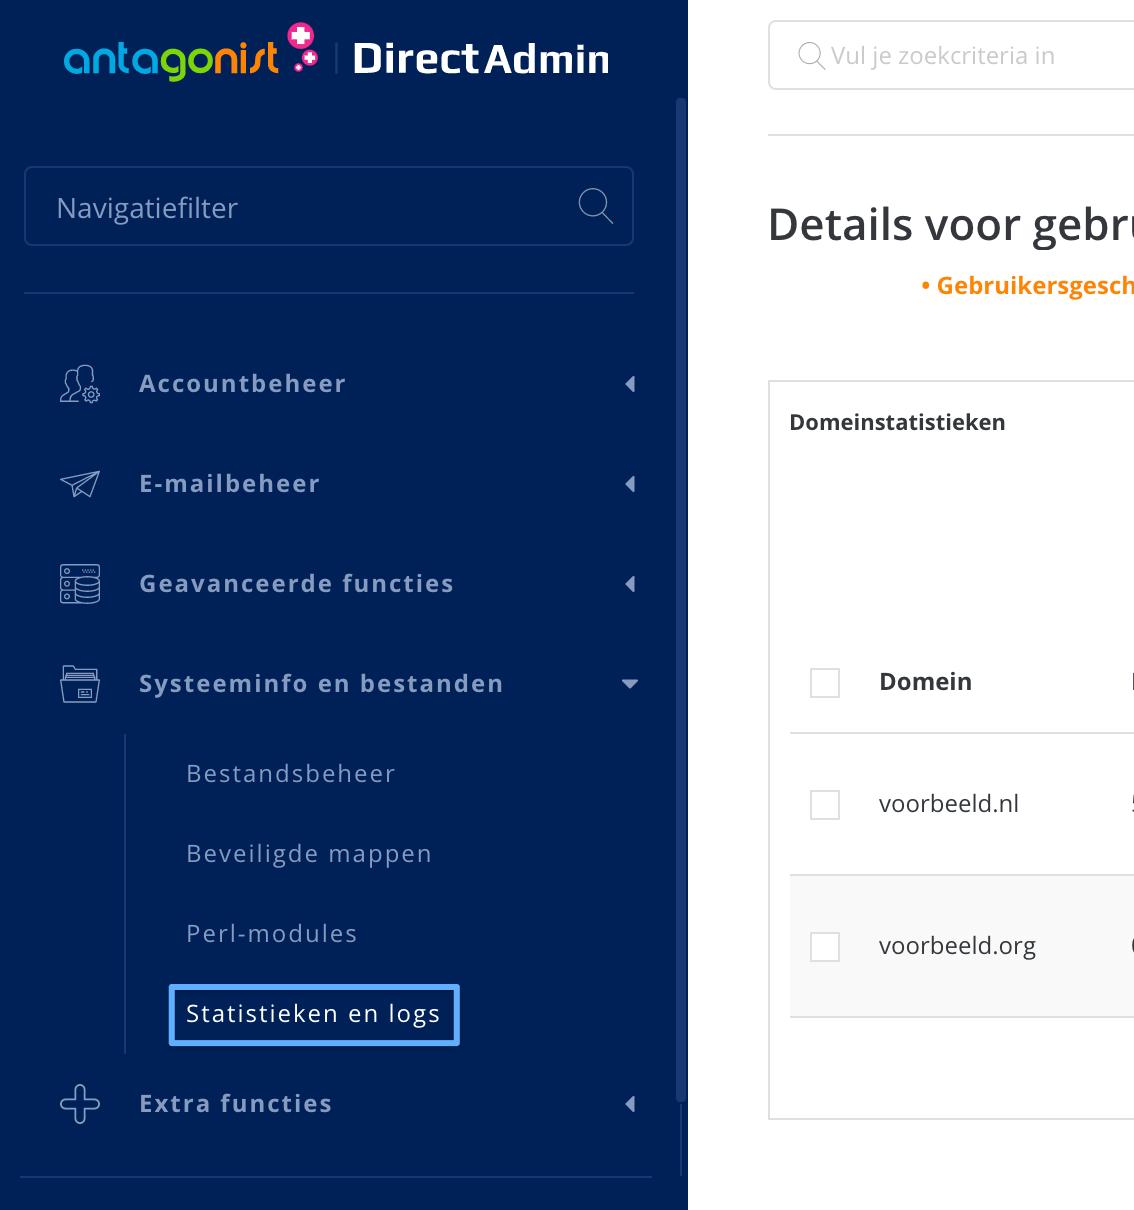 De logboeken bekijken in DirectAdmin.